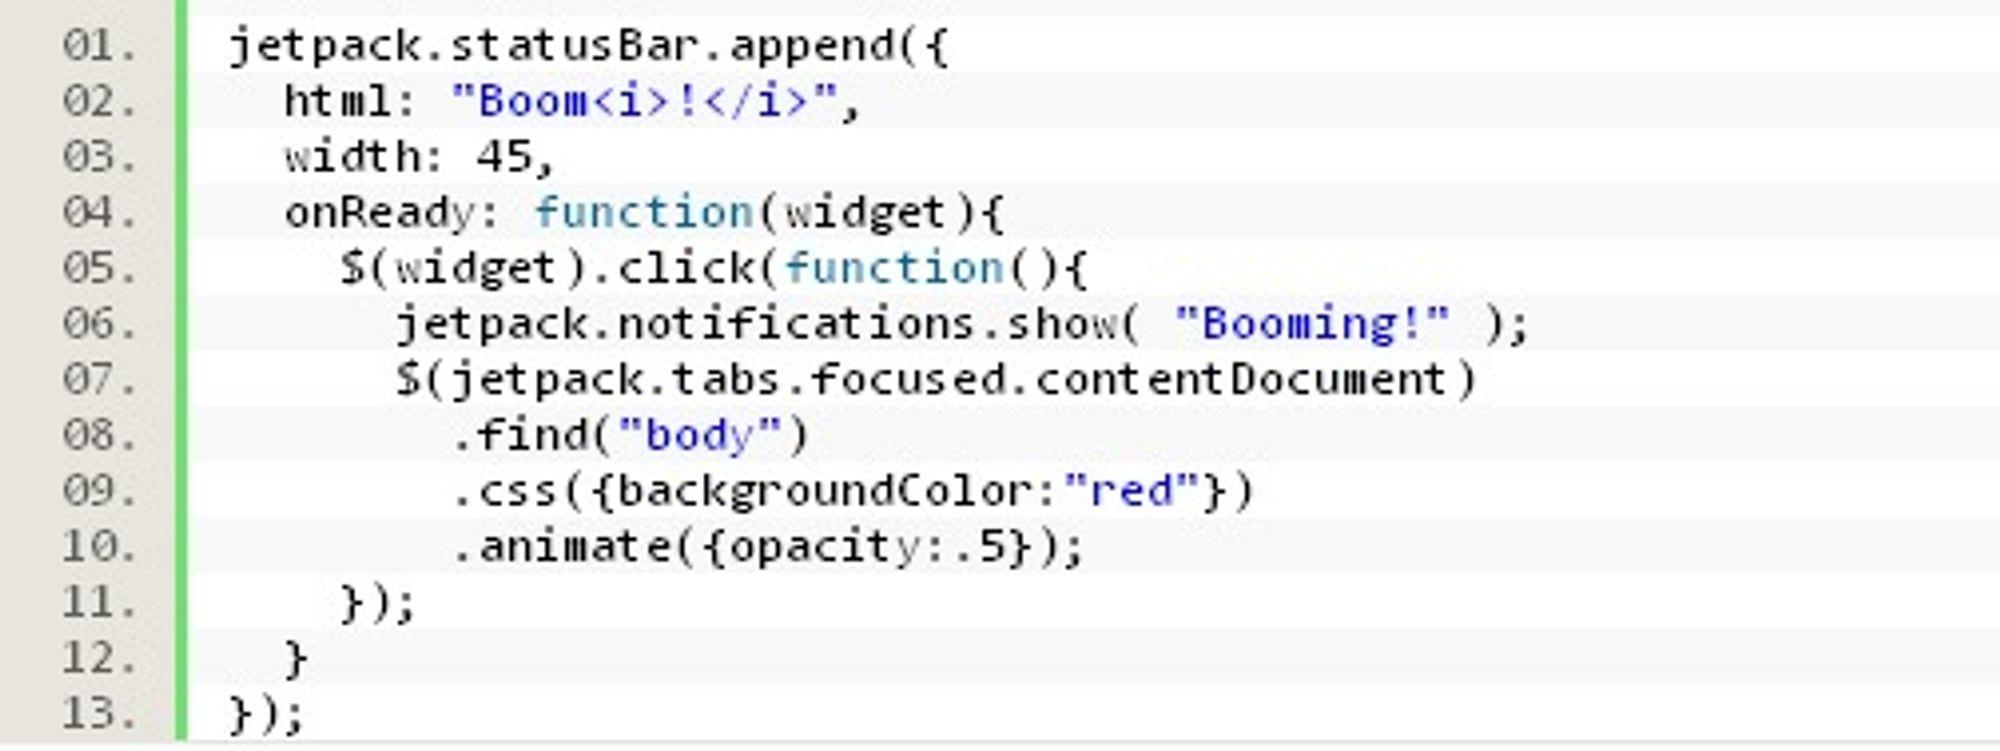 Eksempelkode for Jetpack-widget. Denne endrer bakgrunnfargen på alle websider til rød.